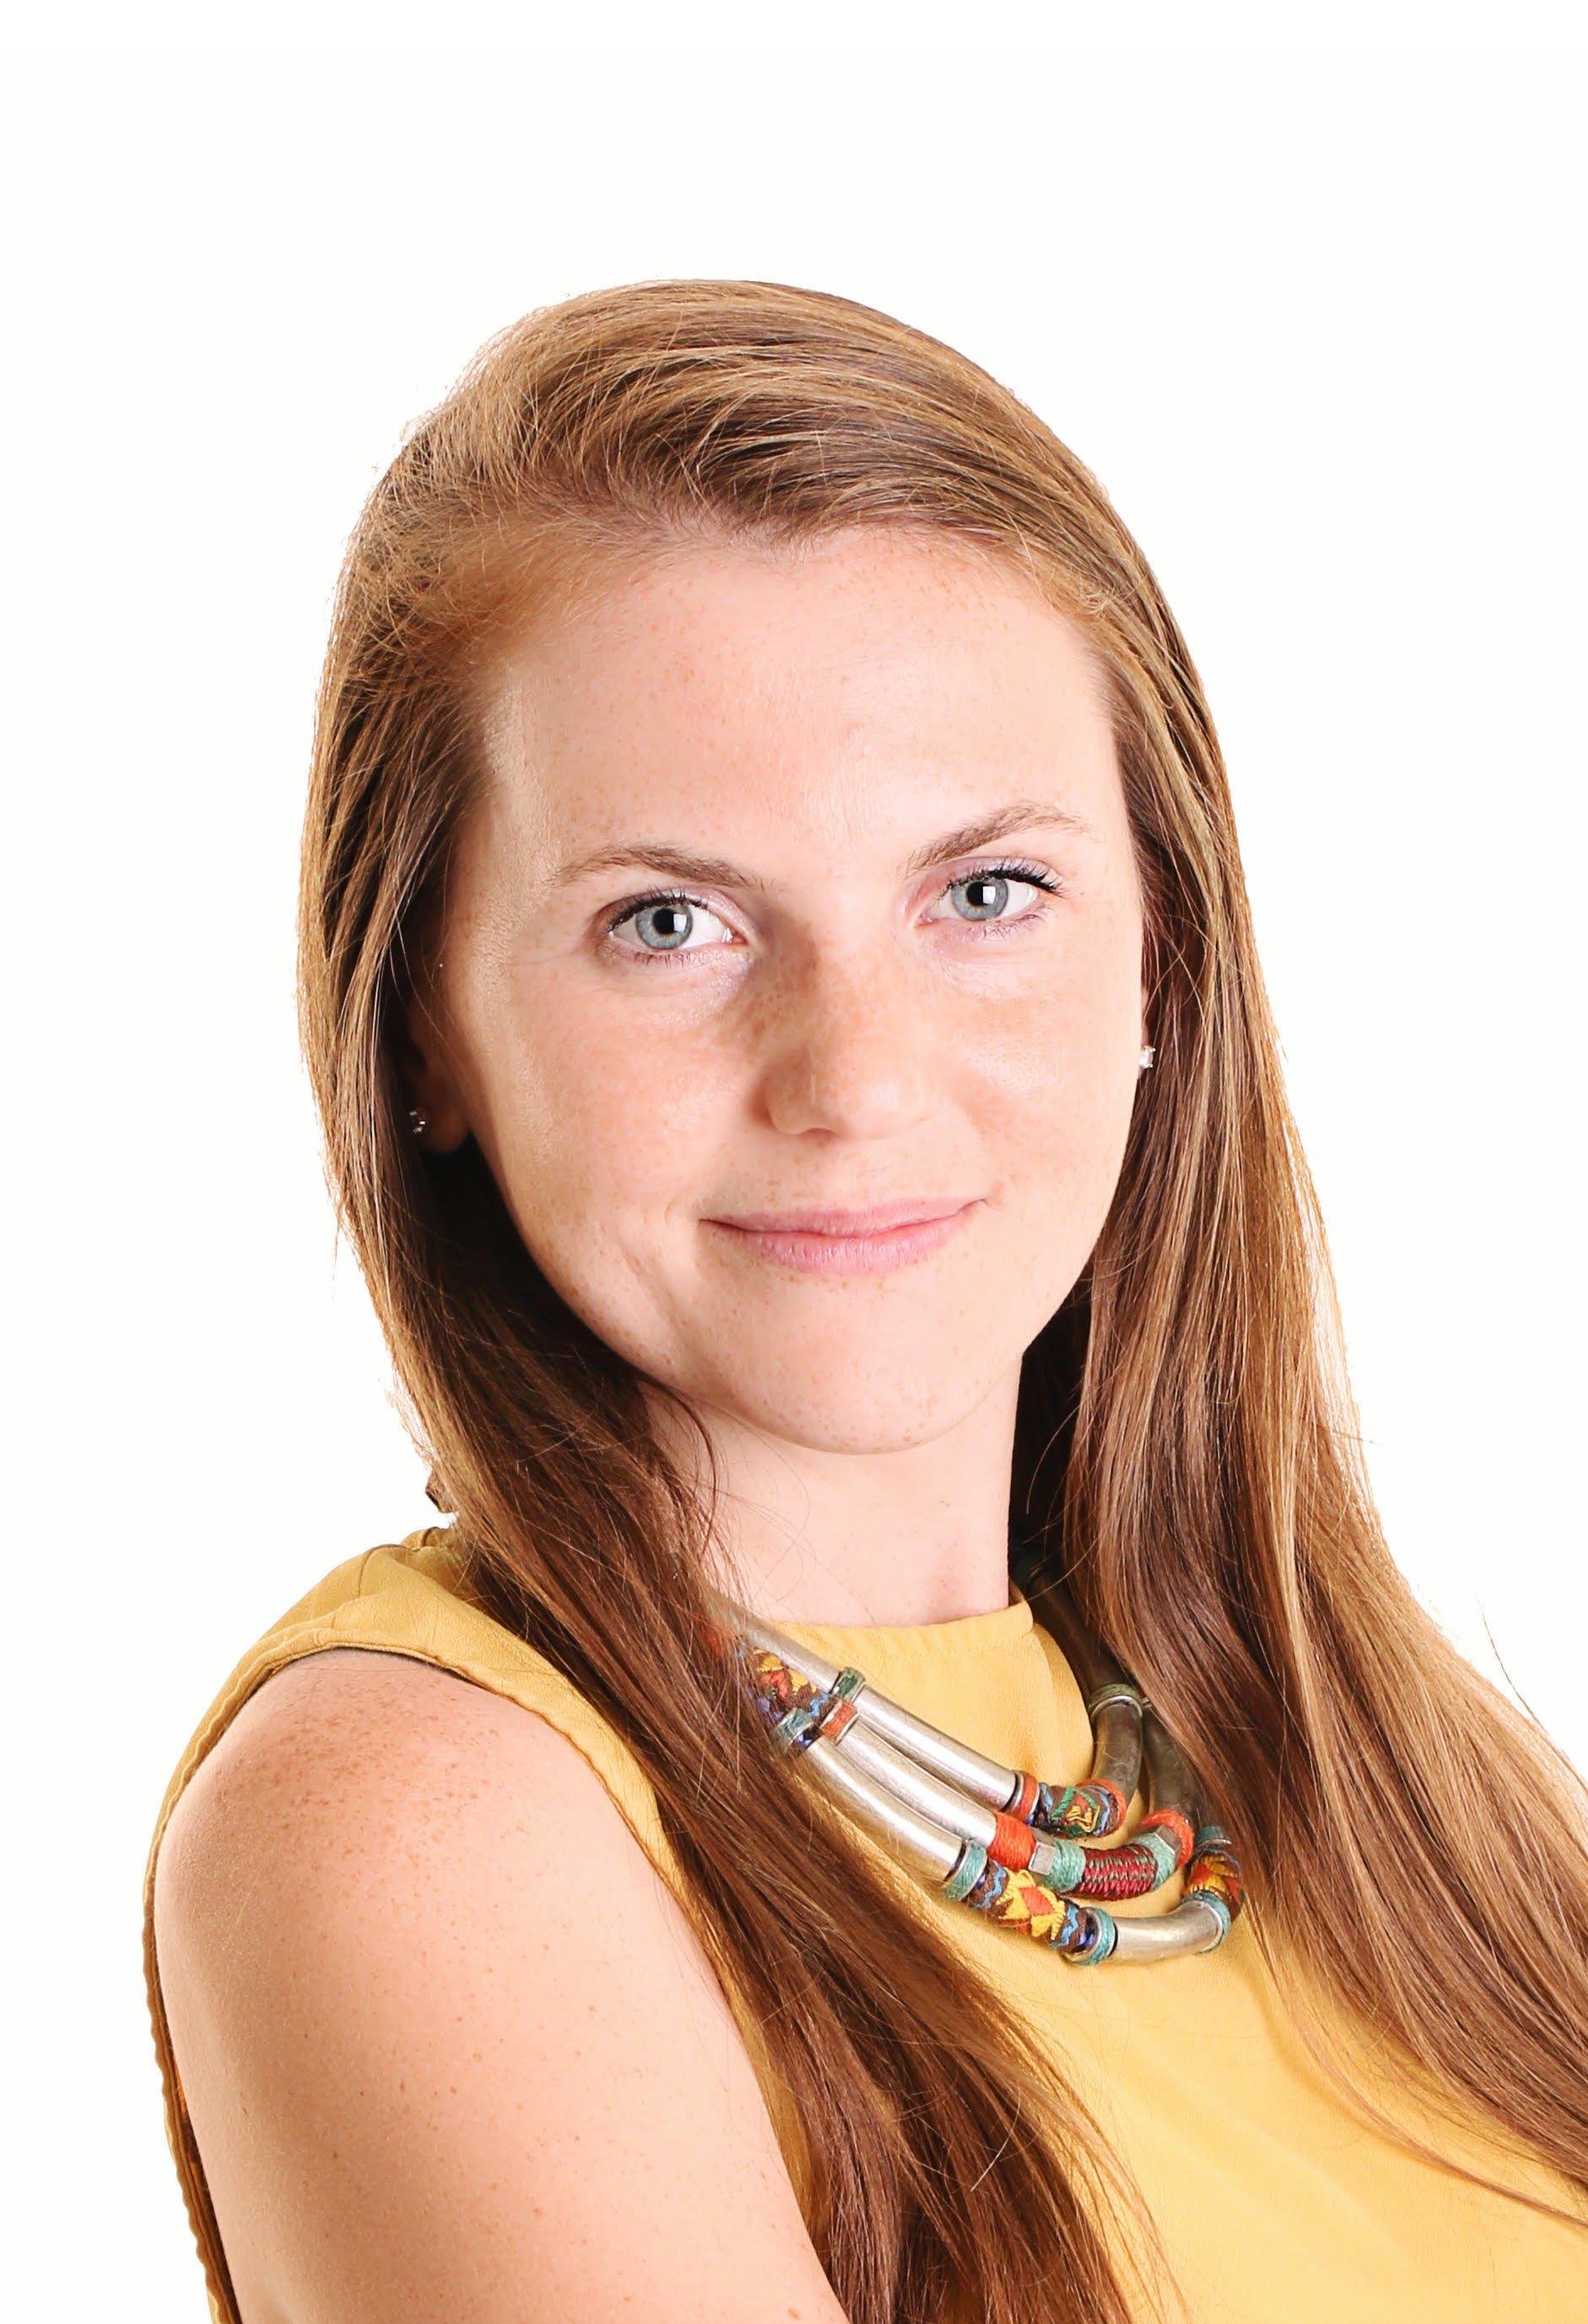 المحاميّة الحيفاويّة ماريا جمال تحصل على جائزة  أميرة جيرونا الإسبانية